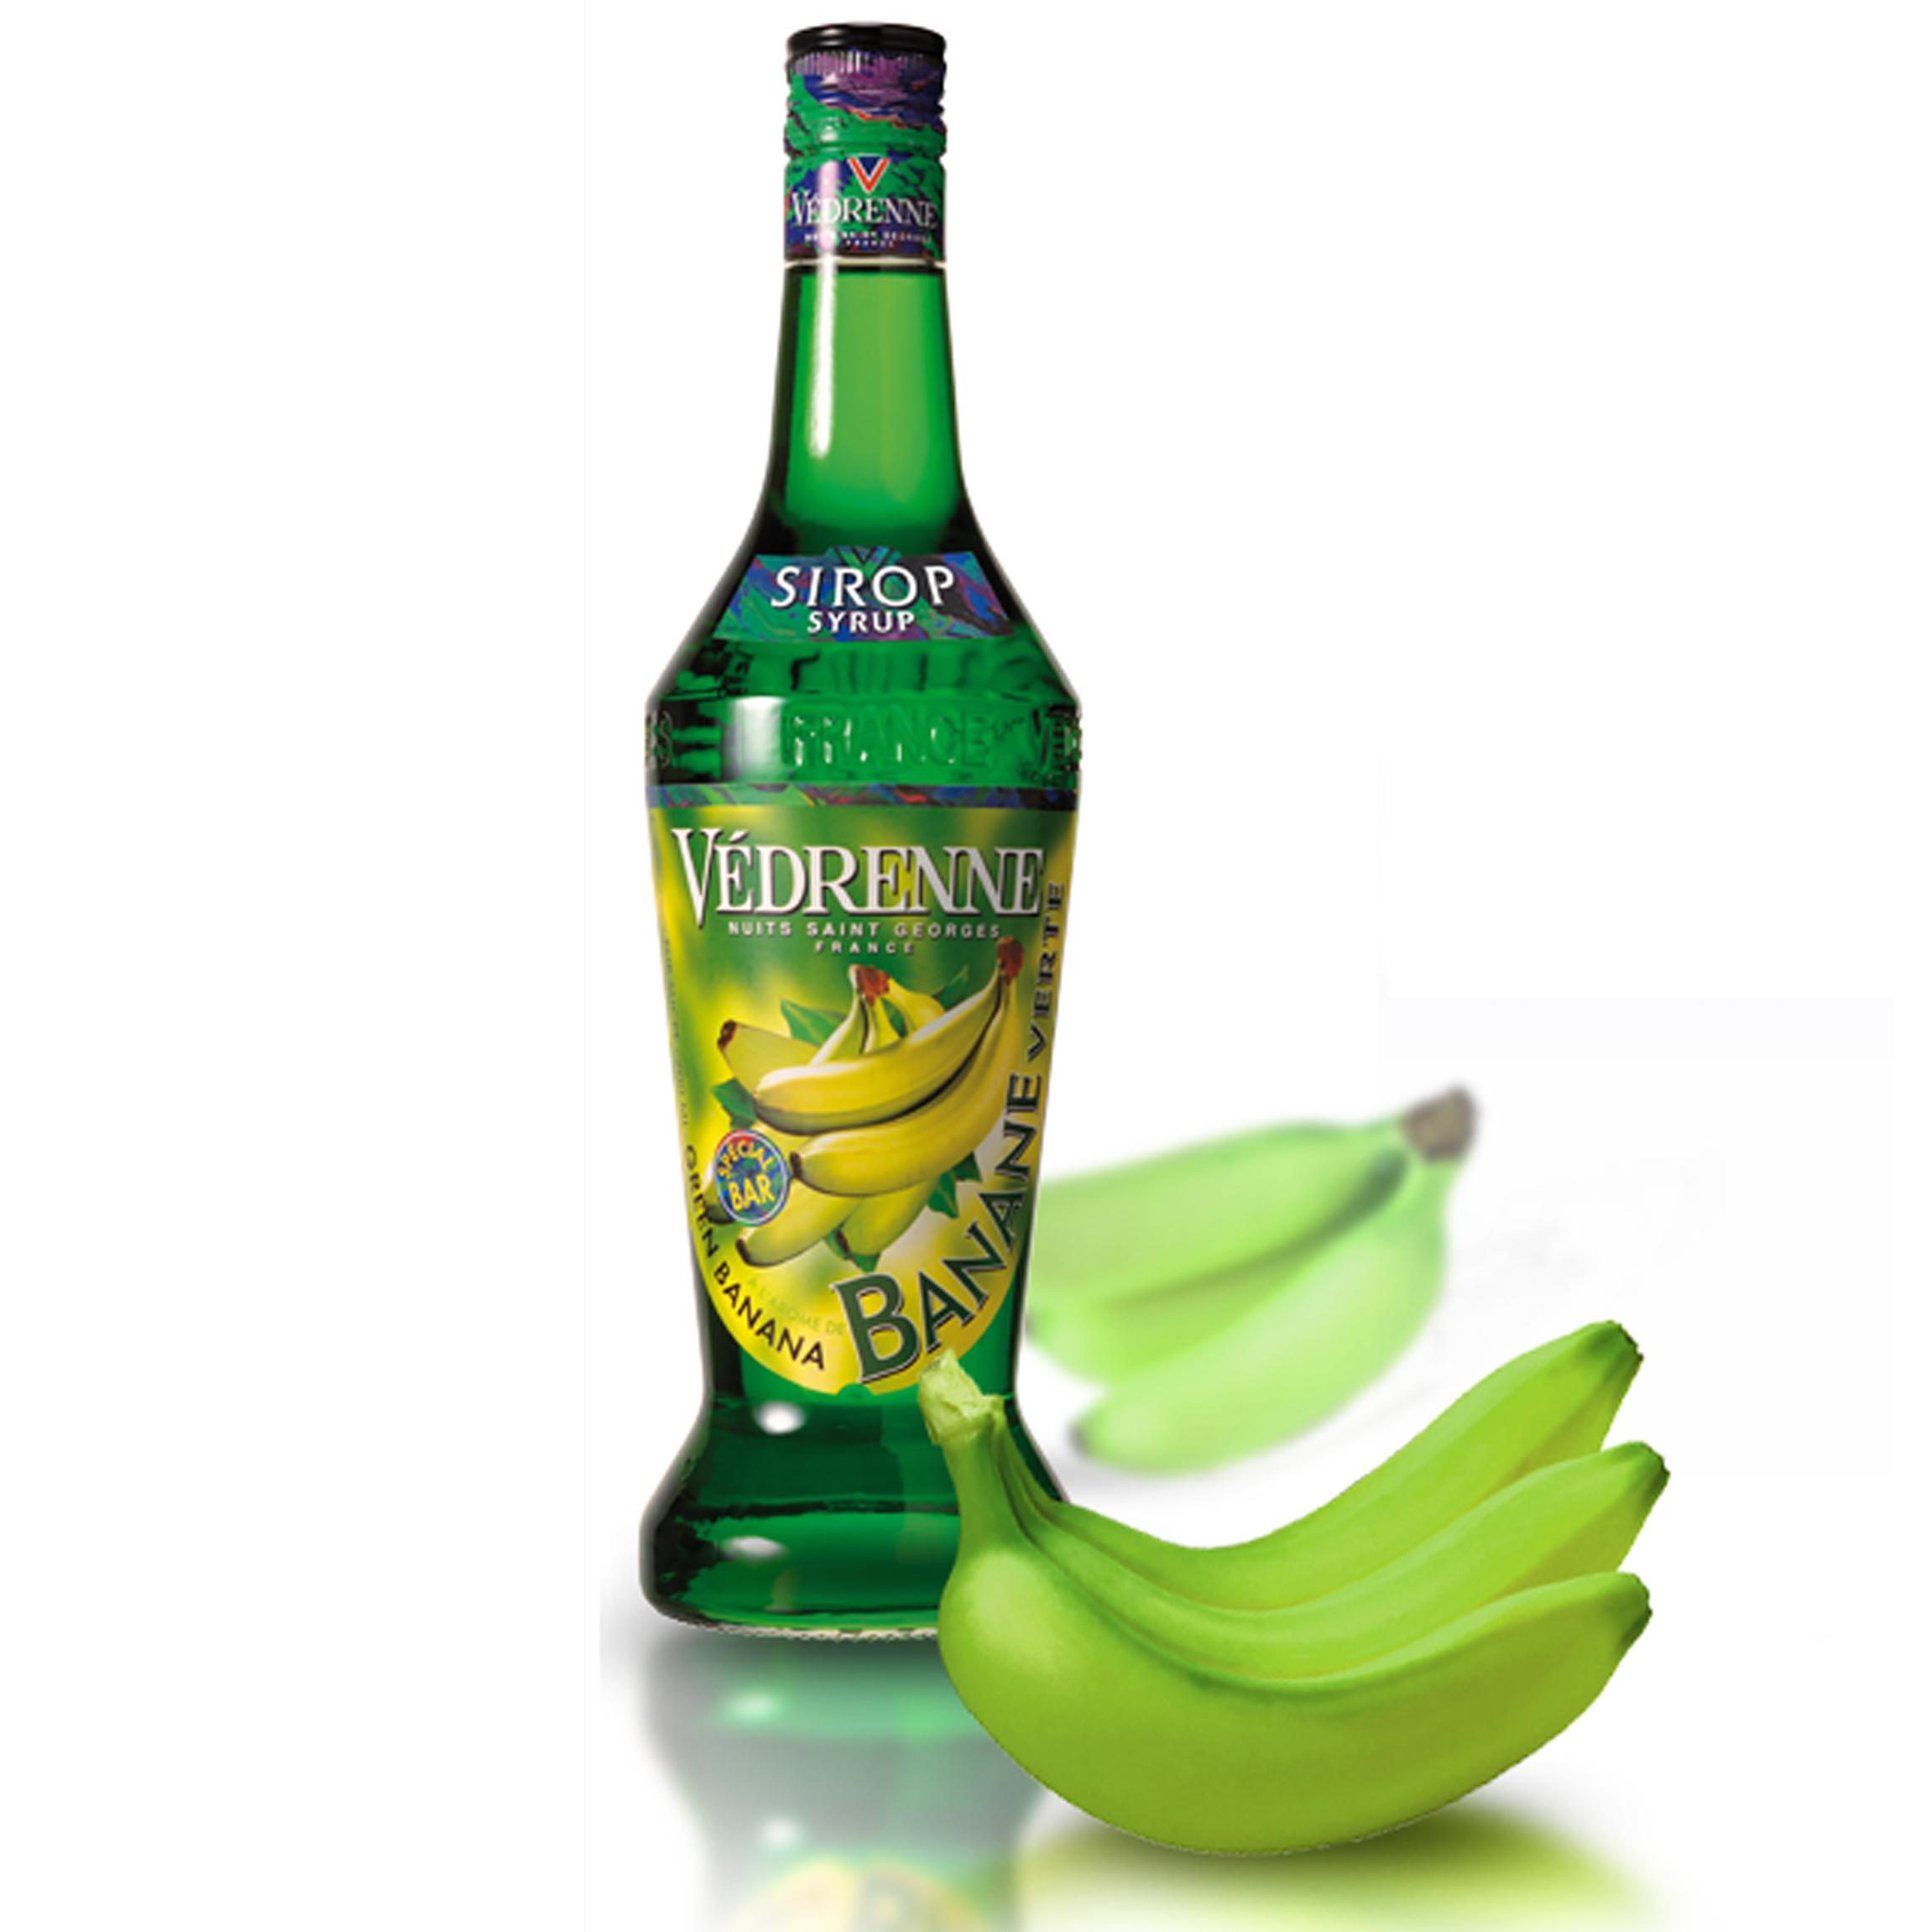 VEDRENNE Green Banana Syrup